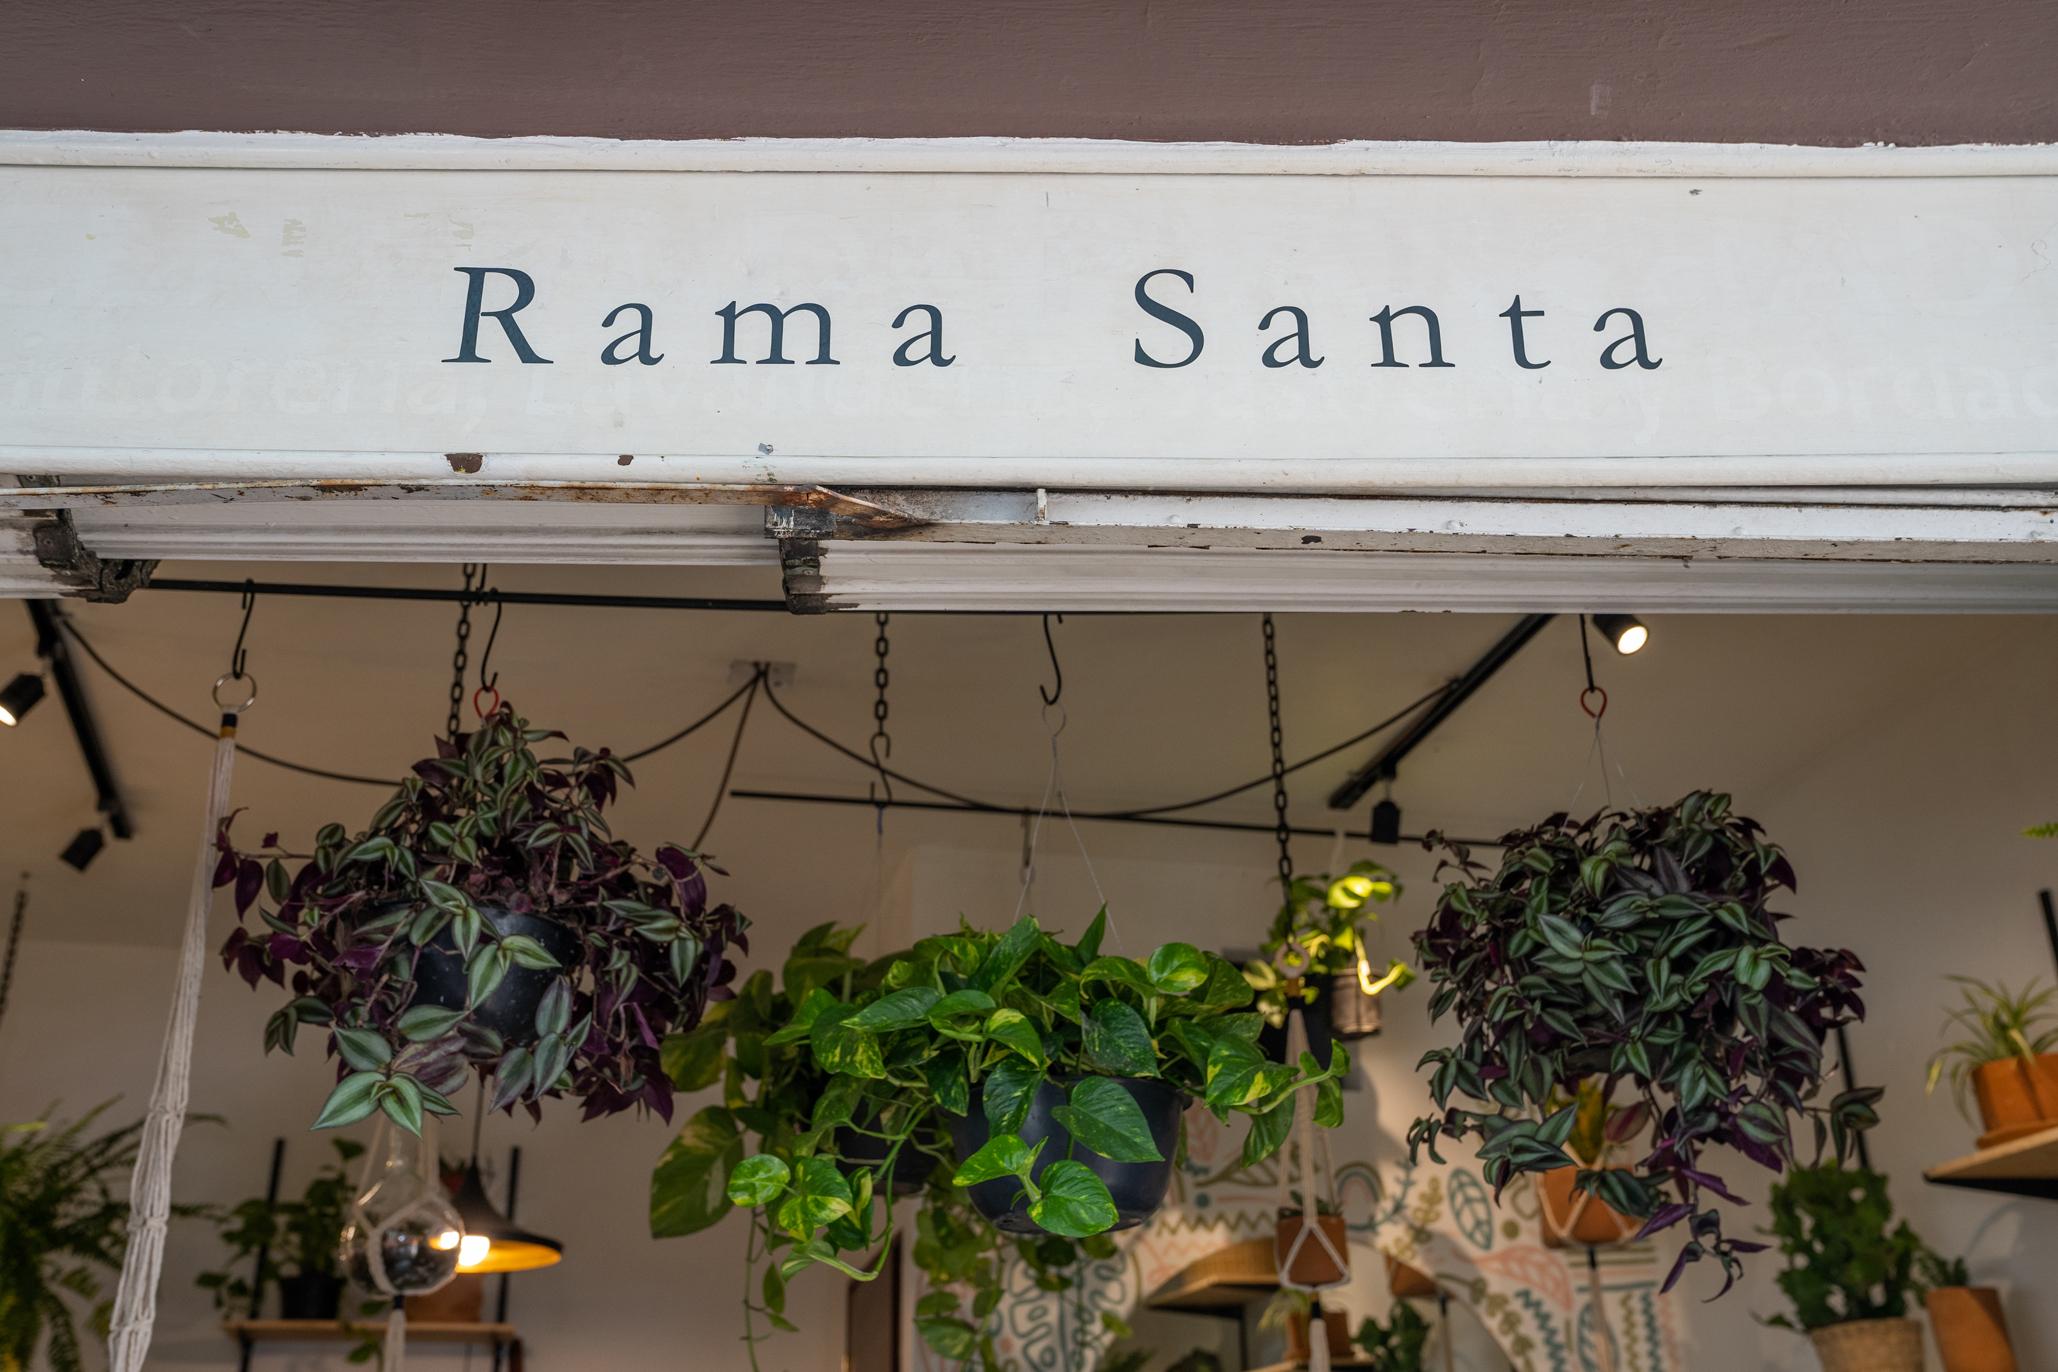 Rama Santa